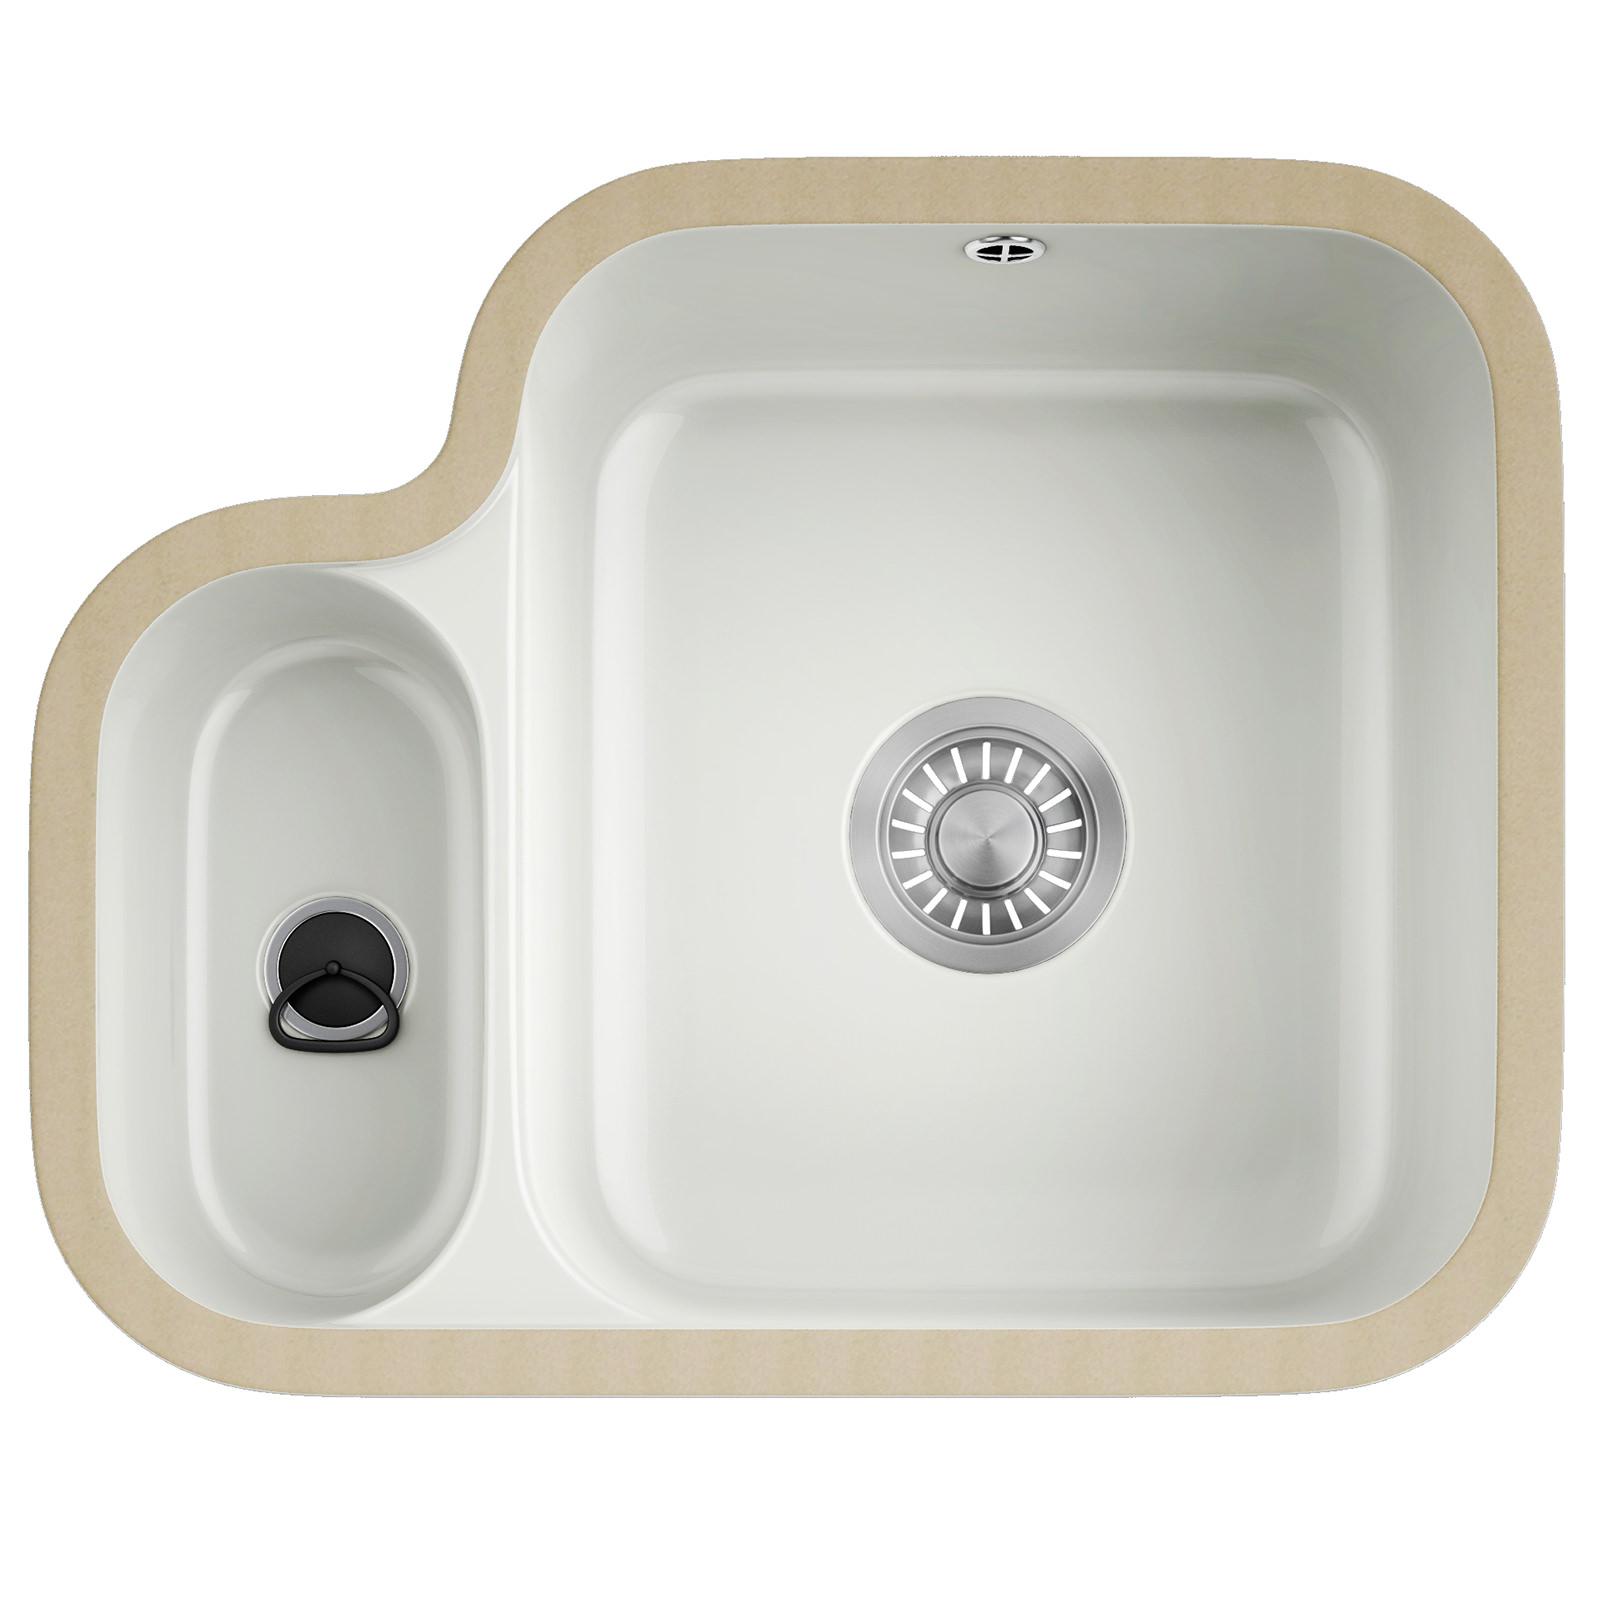 white kitchen sink undermount Franke V And B VBK Ceramic White 1 5 Bowl Undermount Kitchen Sink